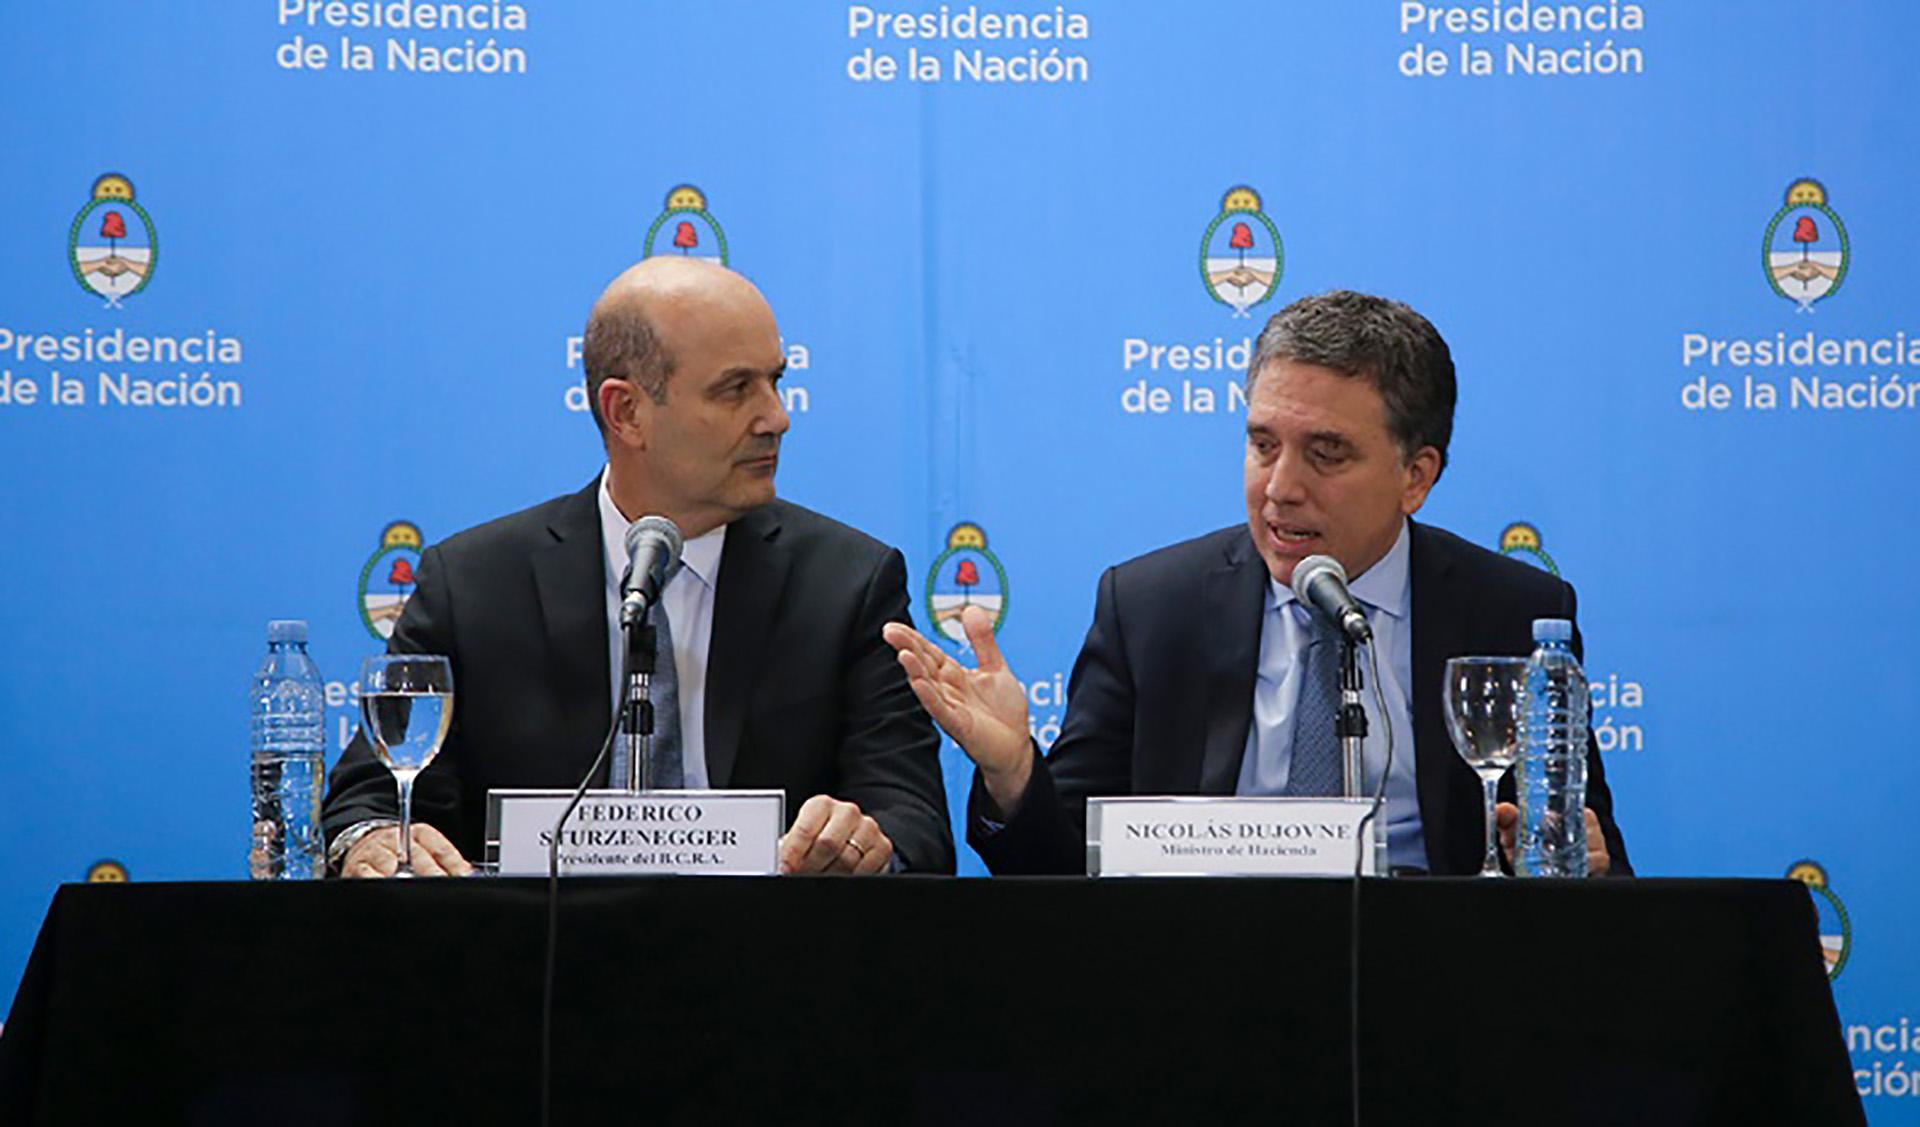 Dujovne y Sturzenegger en el anuncio en el CCK del primer acuerdo con el FMI